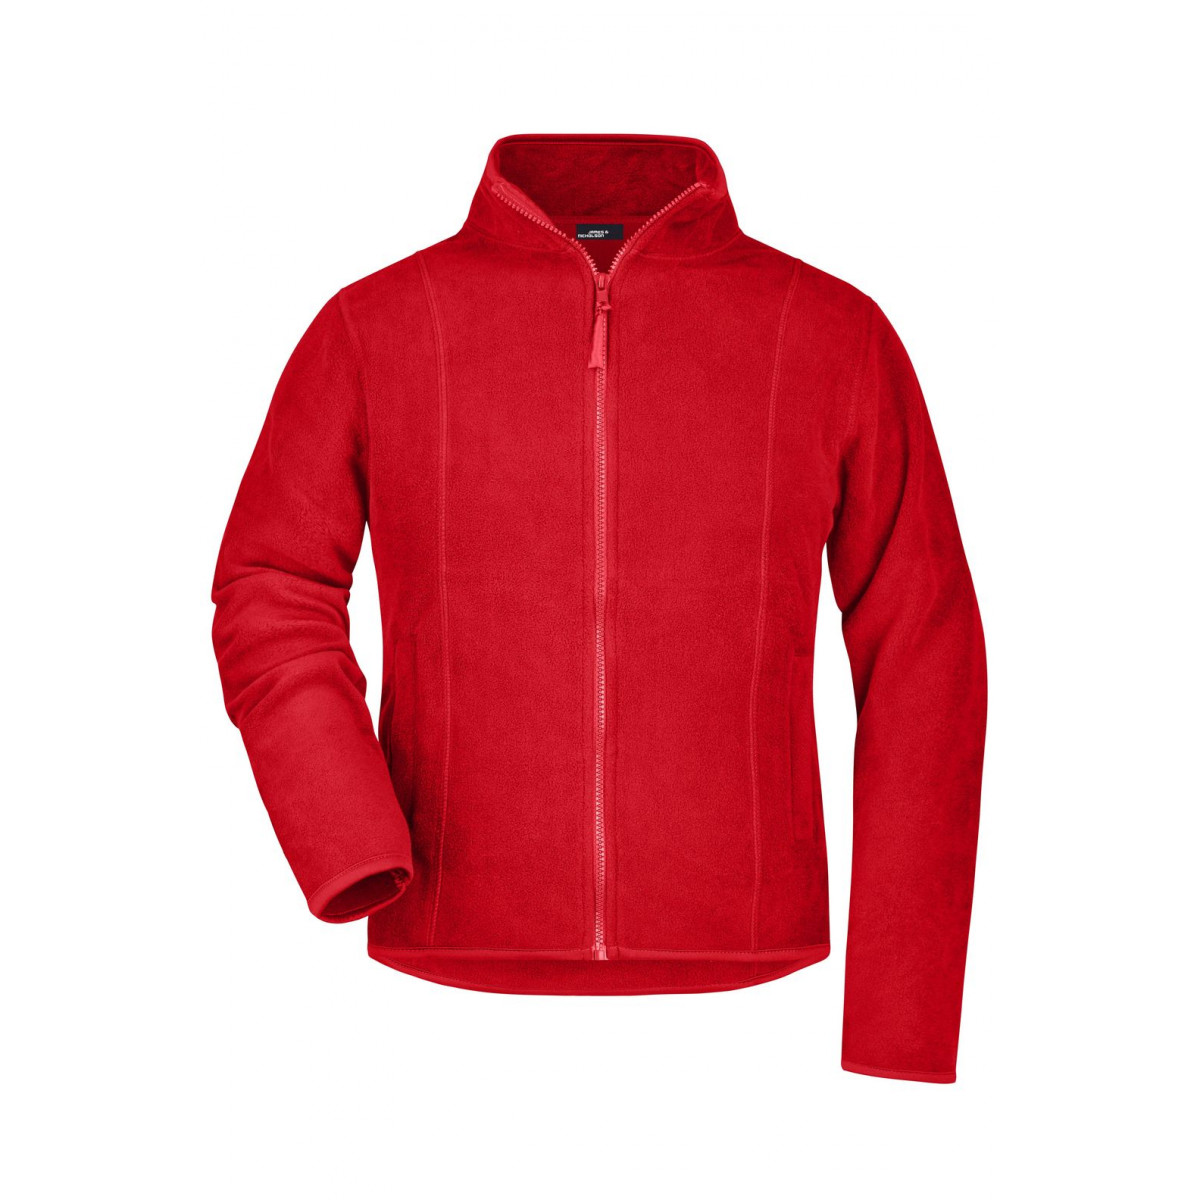 Толстовка женская JN049 Girly Microfleece Jacket - Красный